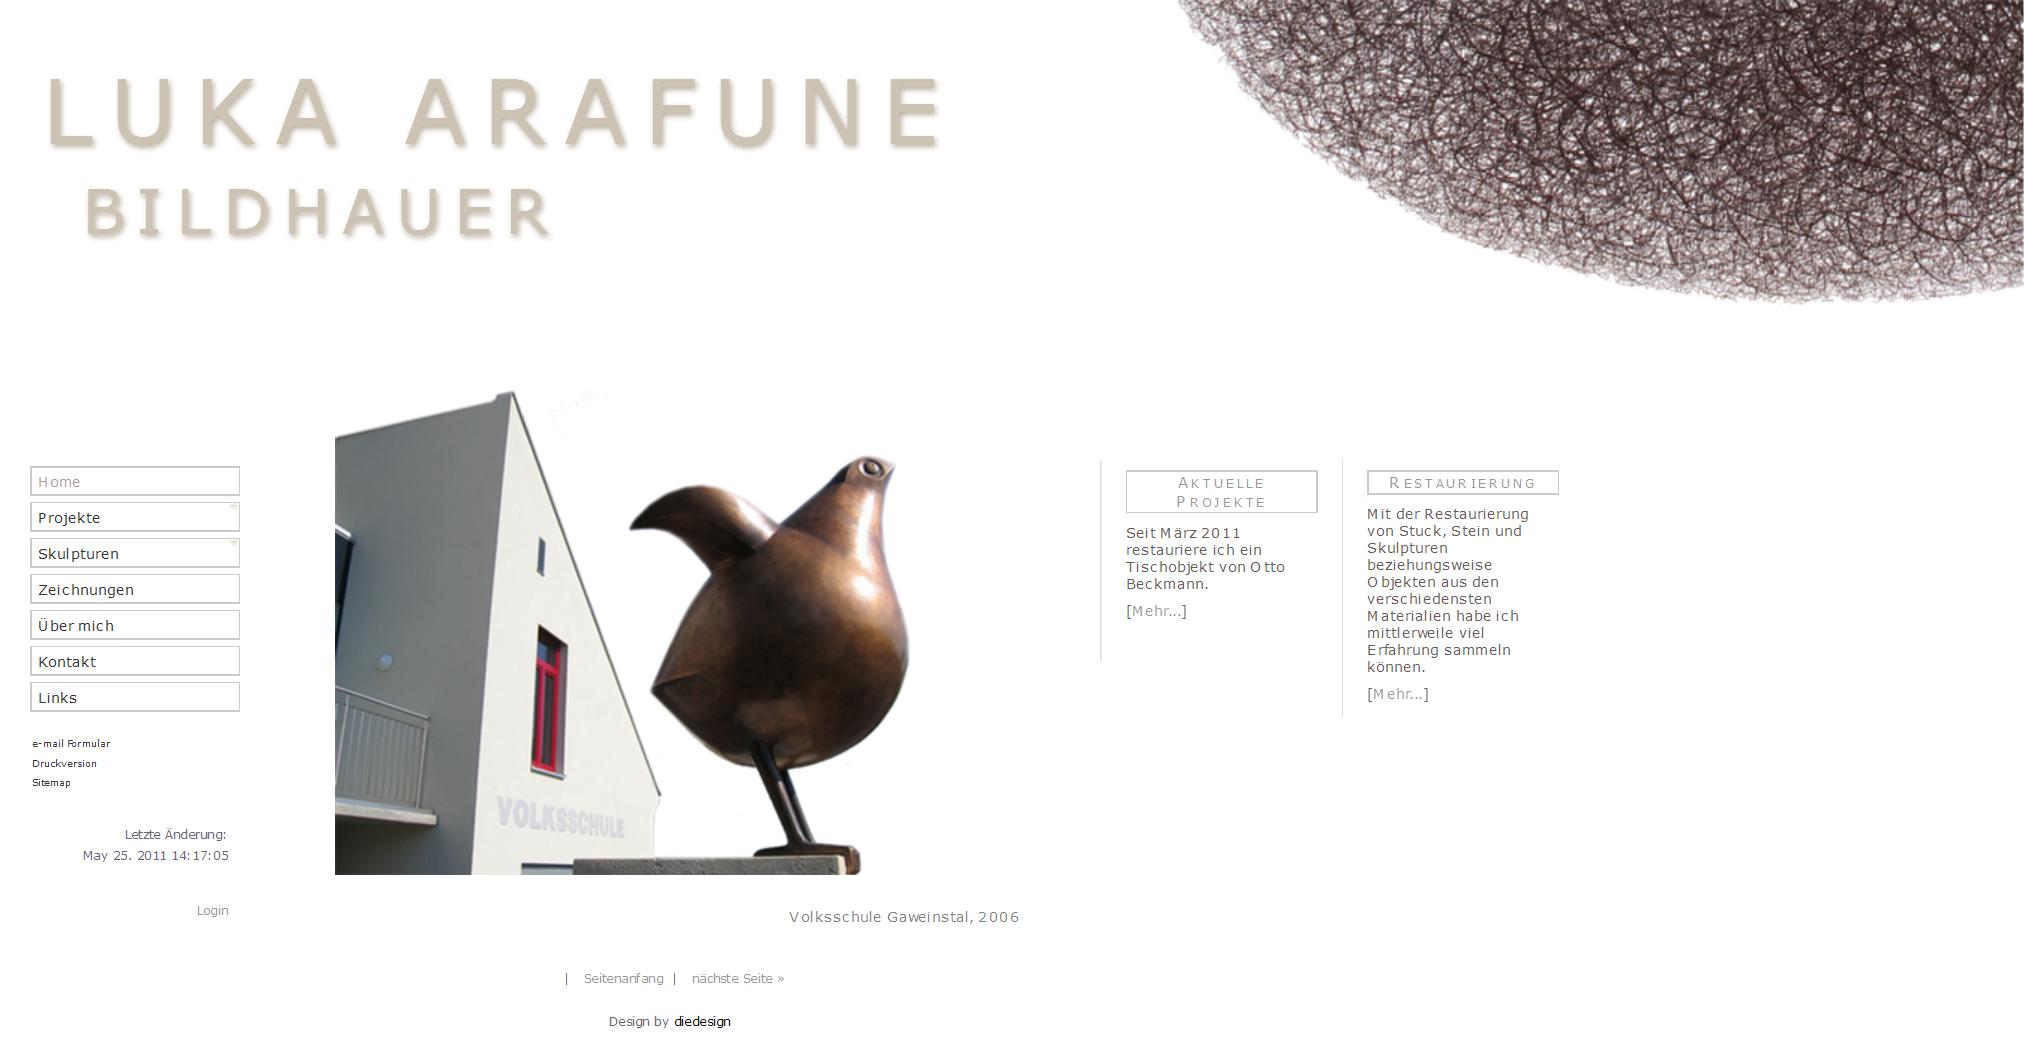 Luka Arafune, Bildhauer, Maler, Architekt. www.arafune.at